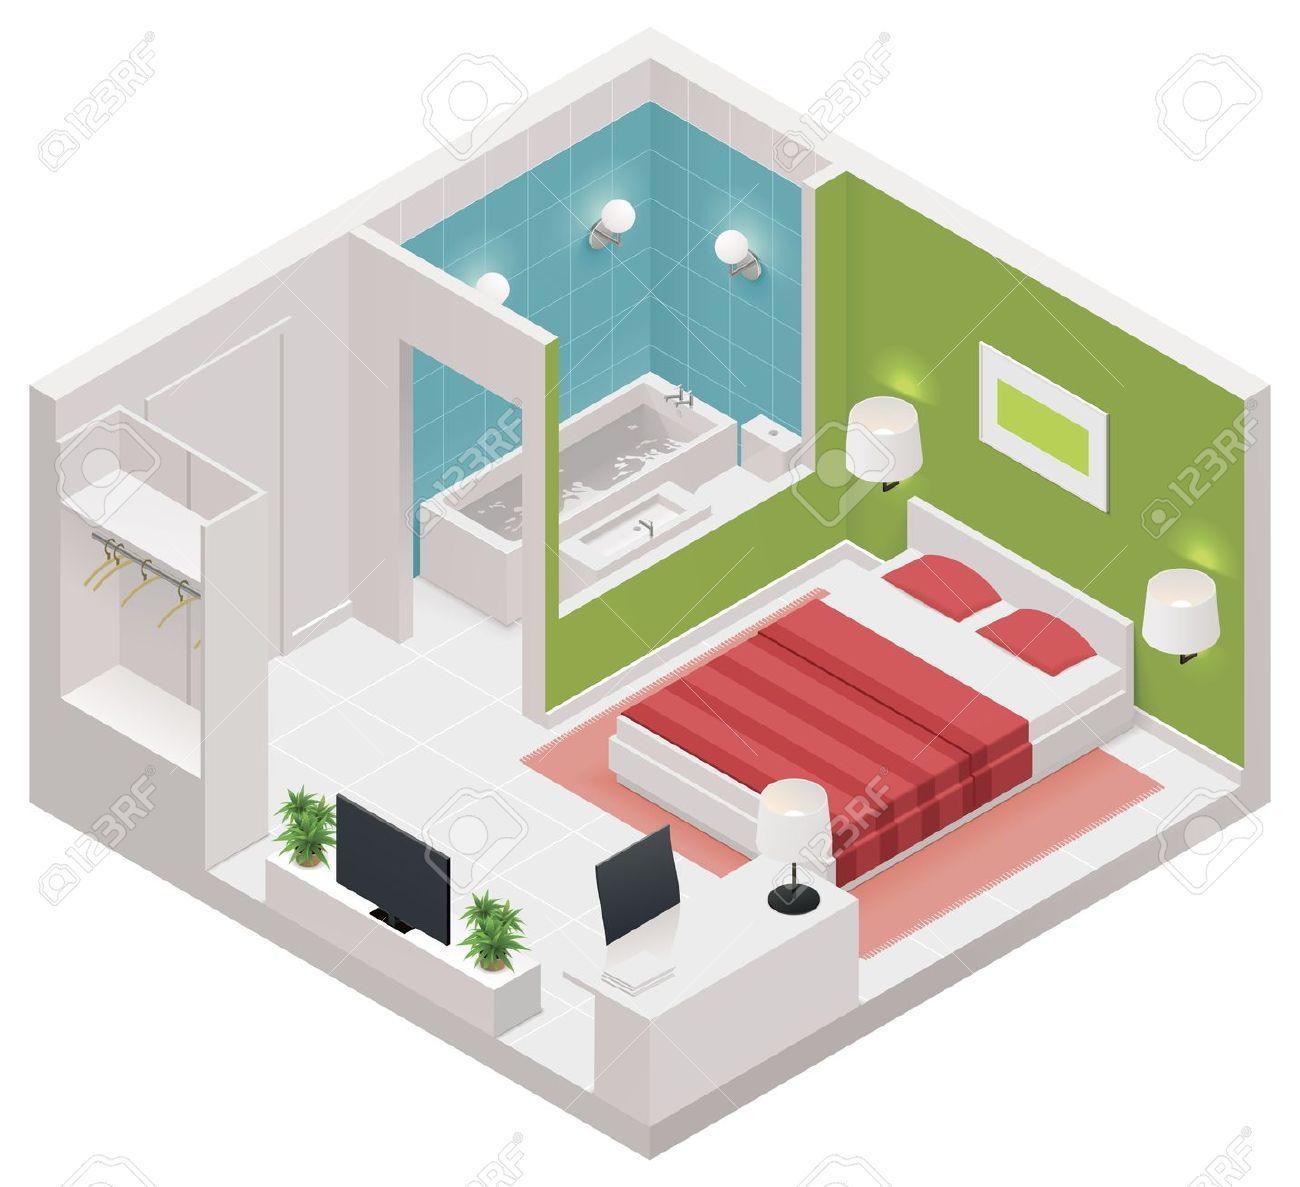 Isom trique ic ne de chambre d 39 h tel clip art libres de for Chambre flat design